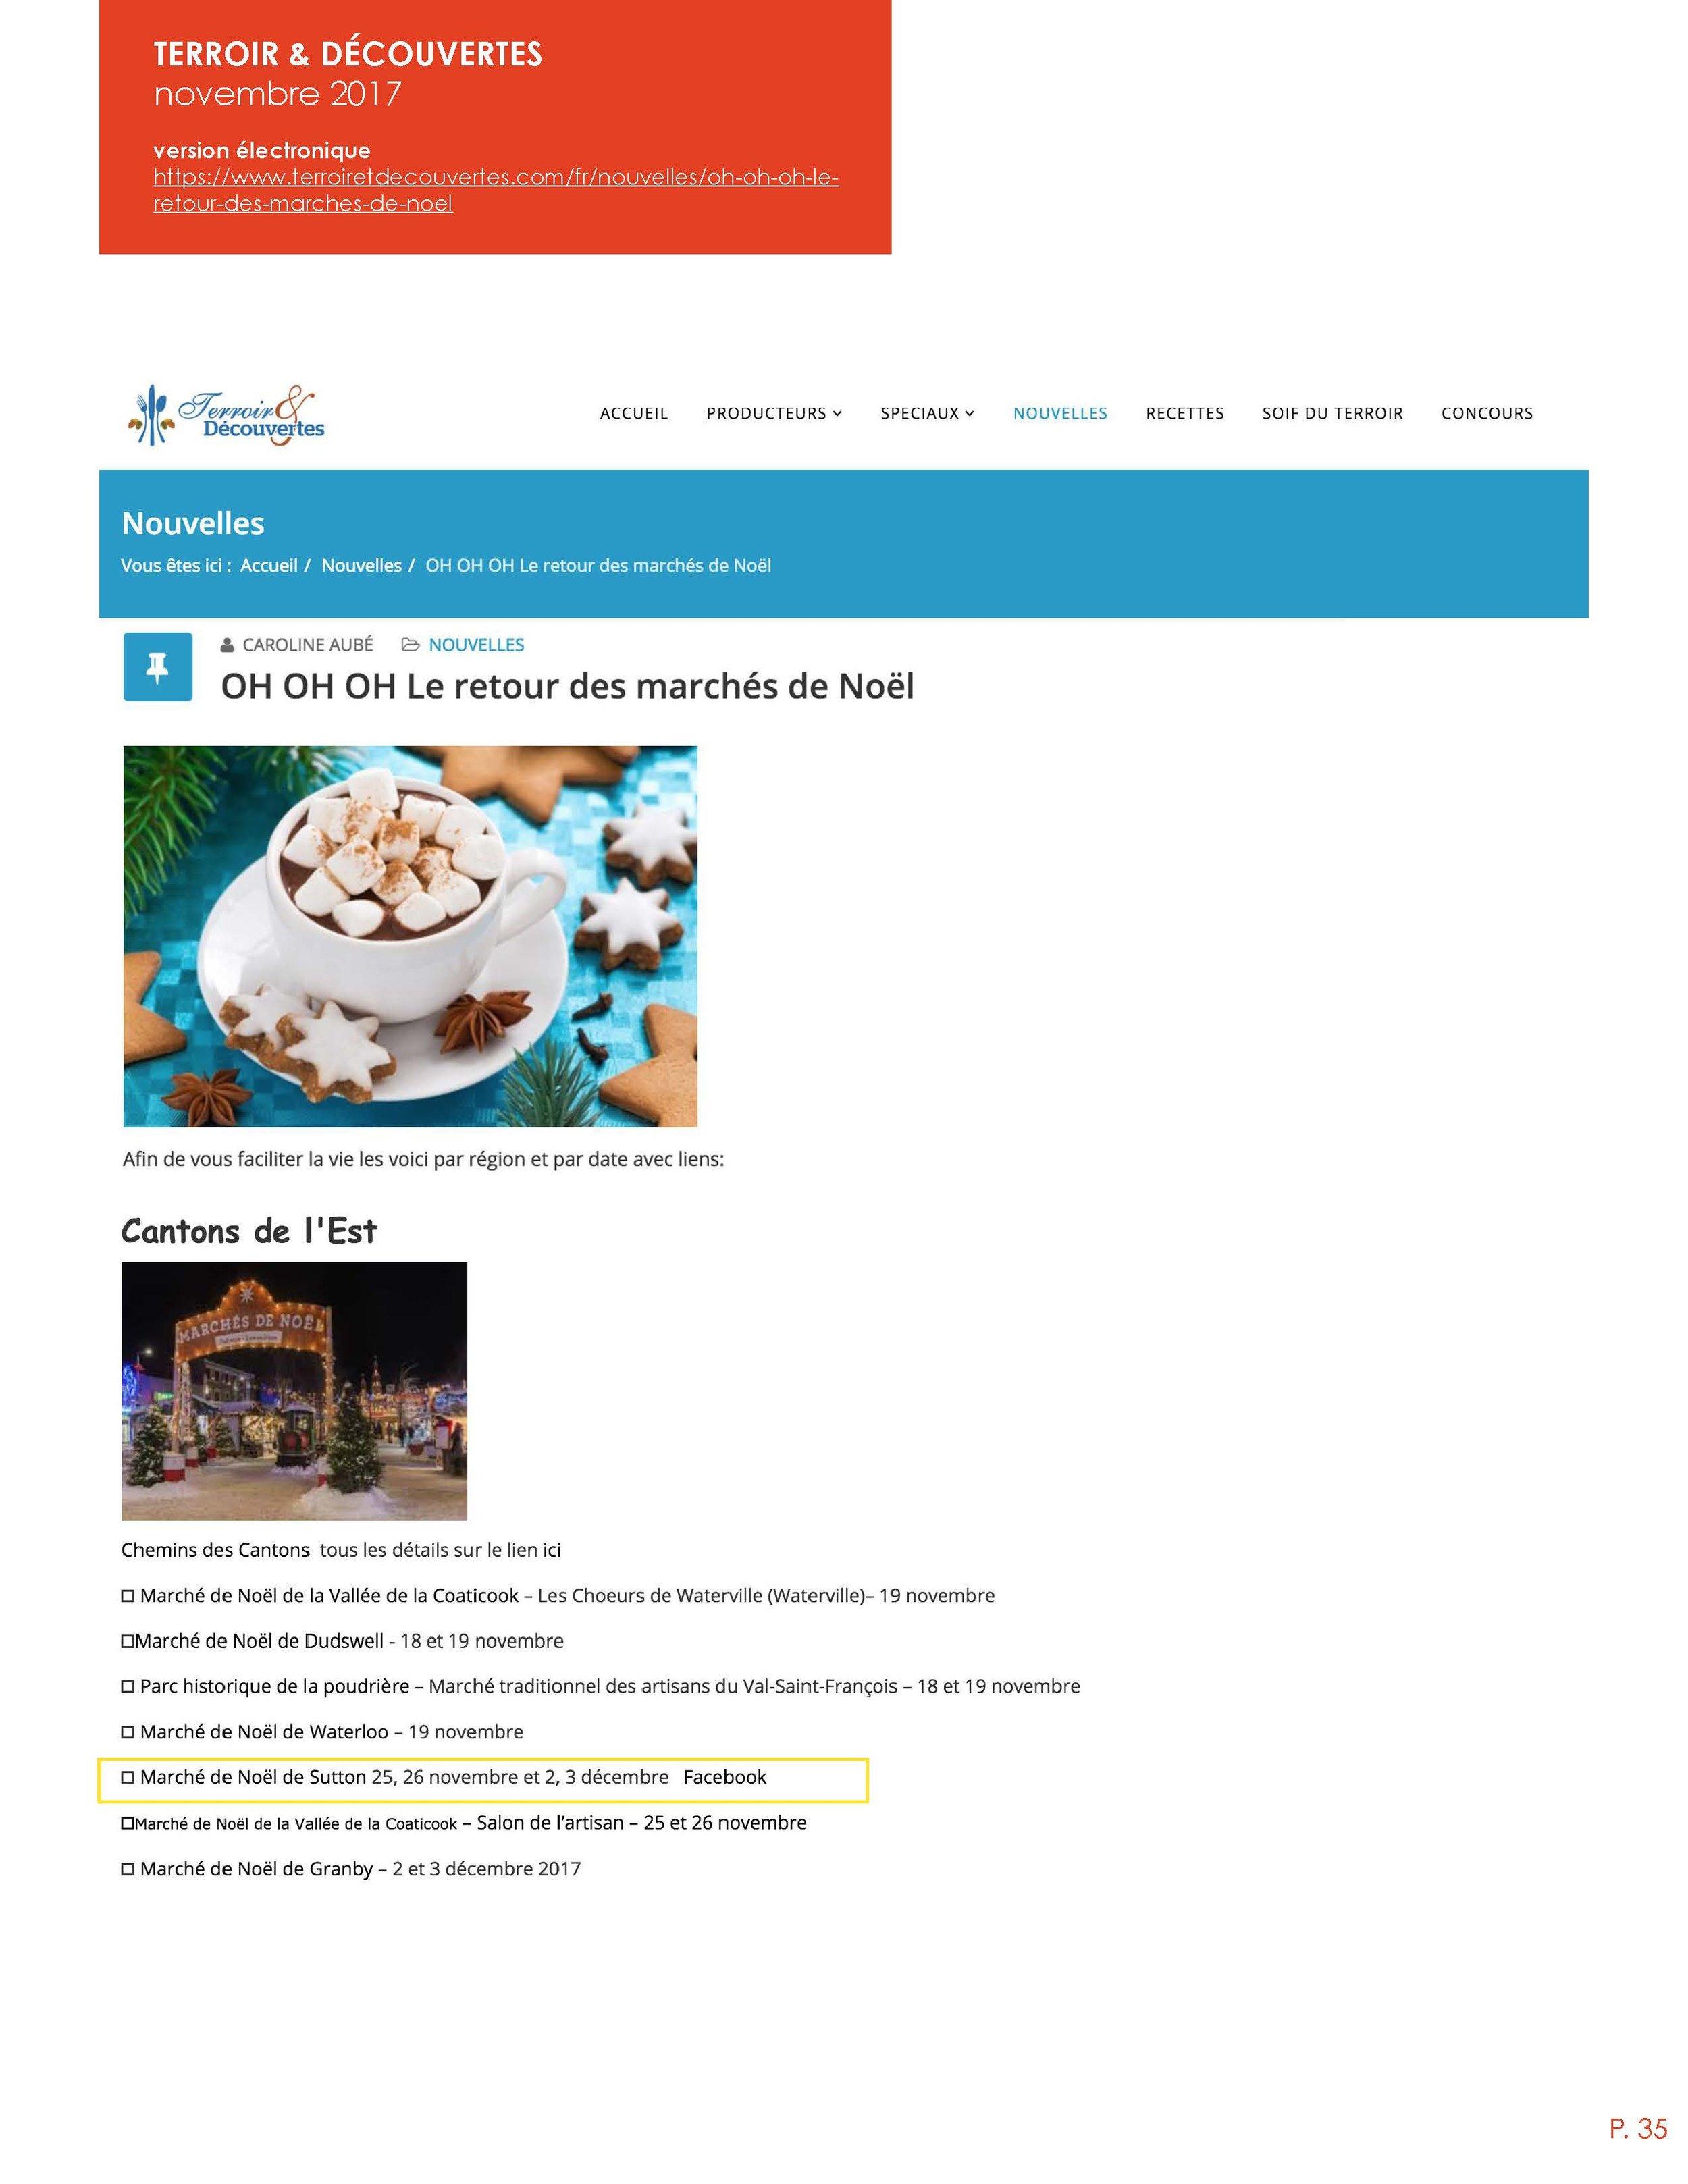 Revue de presse - MARCHÉ DE NOËL SUTTON 2017_Page_35.jpg